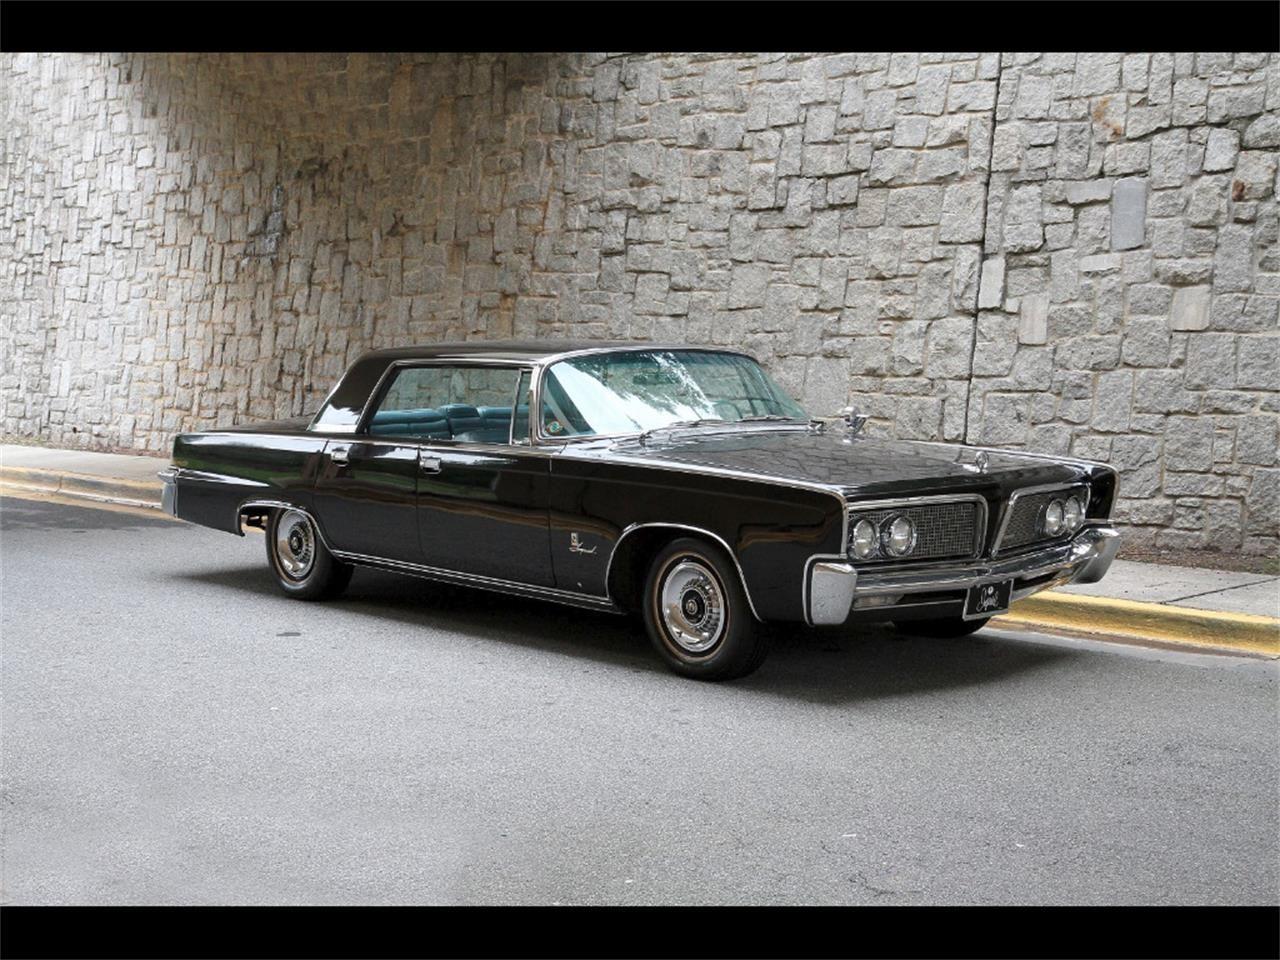 1964 Imperial Crown sedan in black | Imperials | Pinterest ...